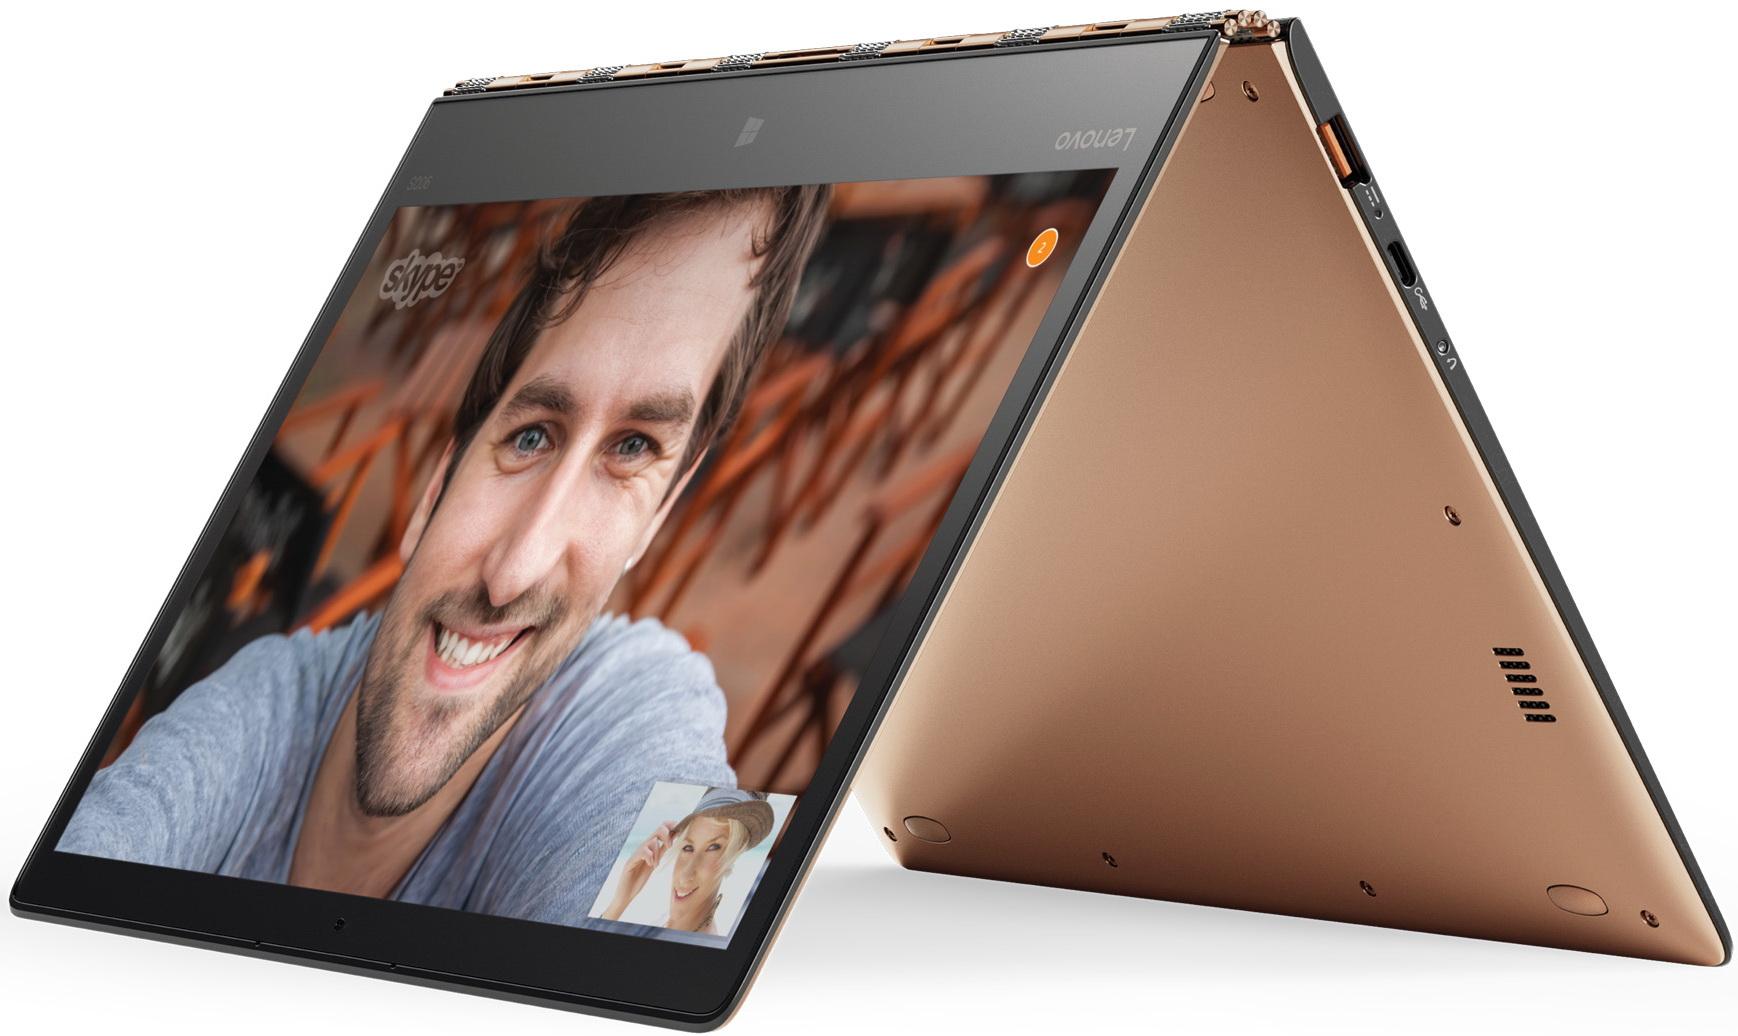 Lenovo Yoga 900S (80ML005FRK)80ML005FRKLenovo IdeaPad Yoga 900s-12 имеет процессор Intel Core M7 1200 МГц Skylake (6Y75), а так же видеокарту Intel HD Graphics 515, в сочетании с 12.5 дюймовым экраном, пользователям доступны максимальные мультимедийные возможности. Ноутбук Lenovo Yoga 900s-12, рассчитан на широкий круг аудитории, в том числе игровой и бизнес класса. На хранение данных и мультимедии отведен SSD-накопитель, емкостью 512 ГБ, это позволяет всегда иметь под рукой всю необходимую информацию и файлы, не зависимо от места нахождения. Автономная работа данной модели предполагает до 10 часов. Гарантия на ноутбук IdeaPad Yoga 900s-12 составляет 1 год.